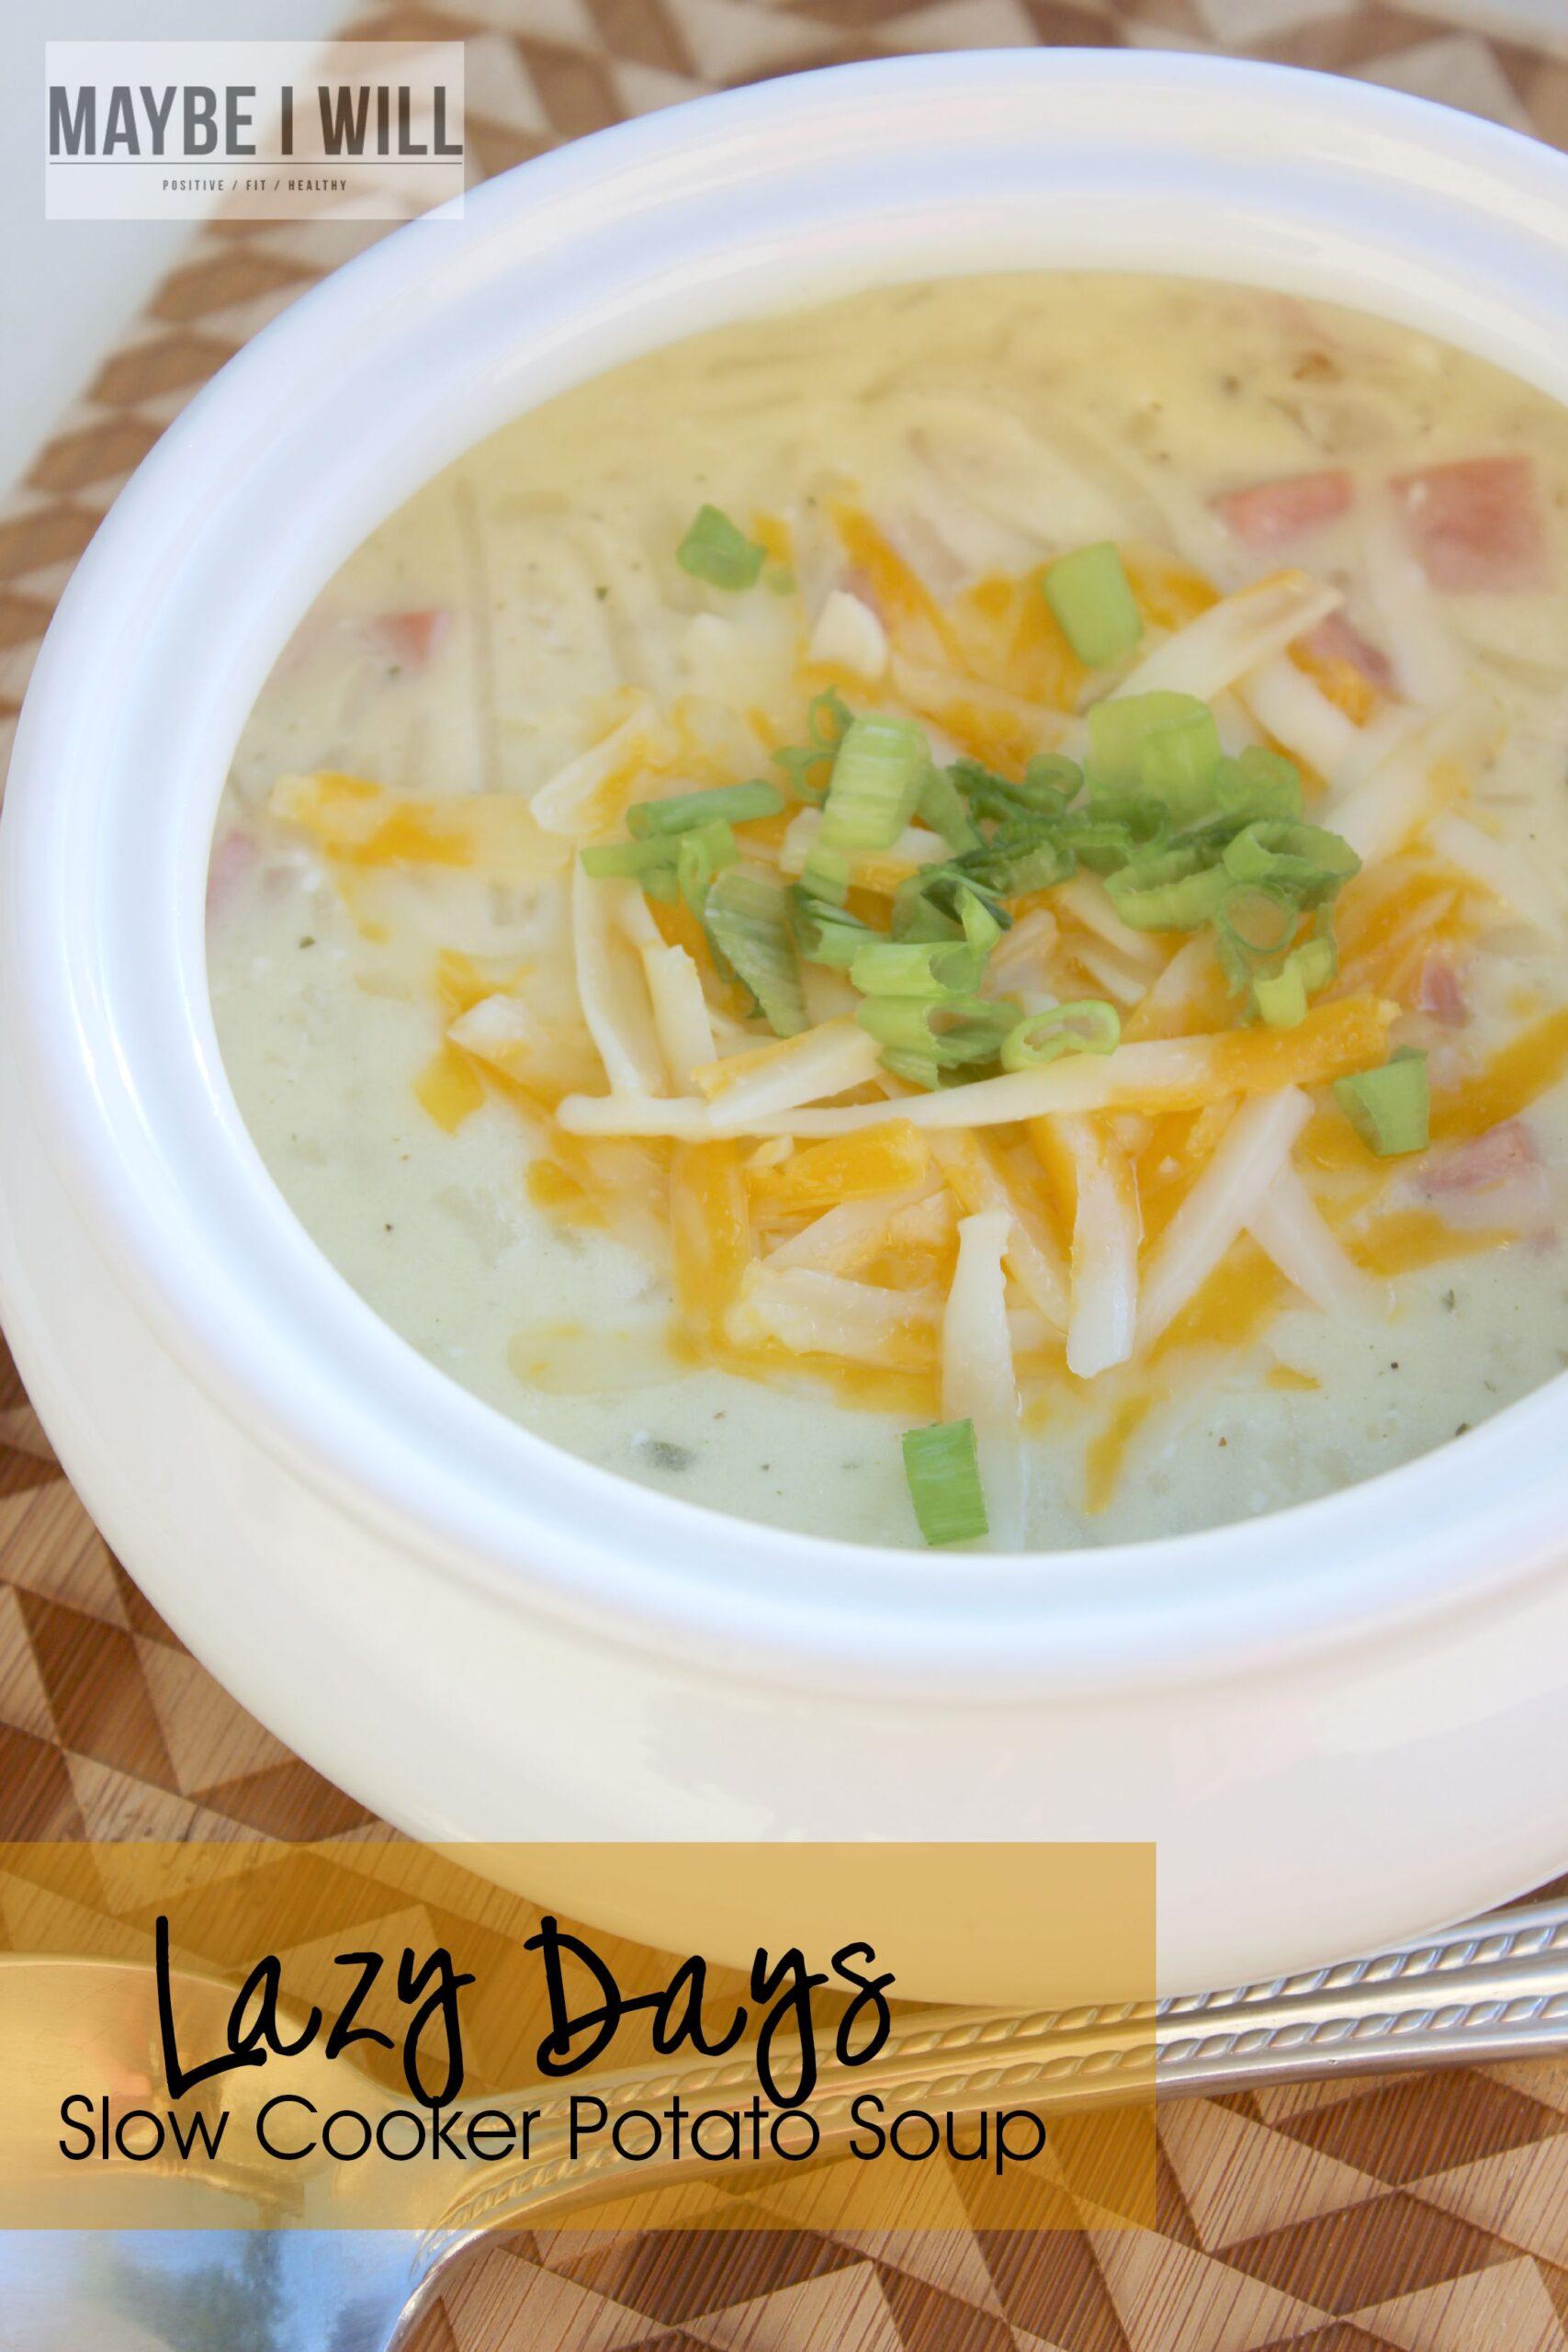 Lazy Days Slow Cooker Potato Soup